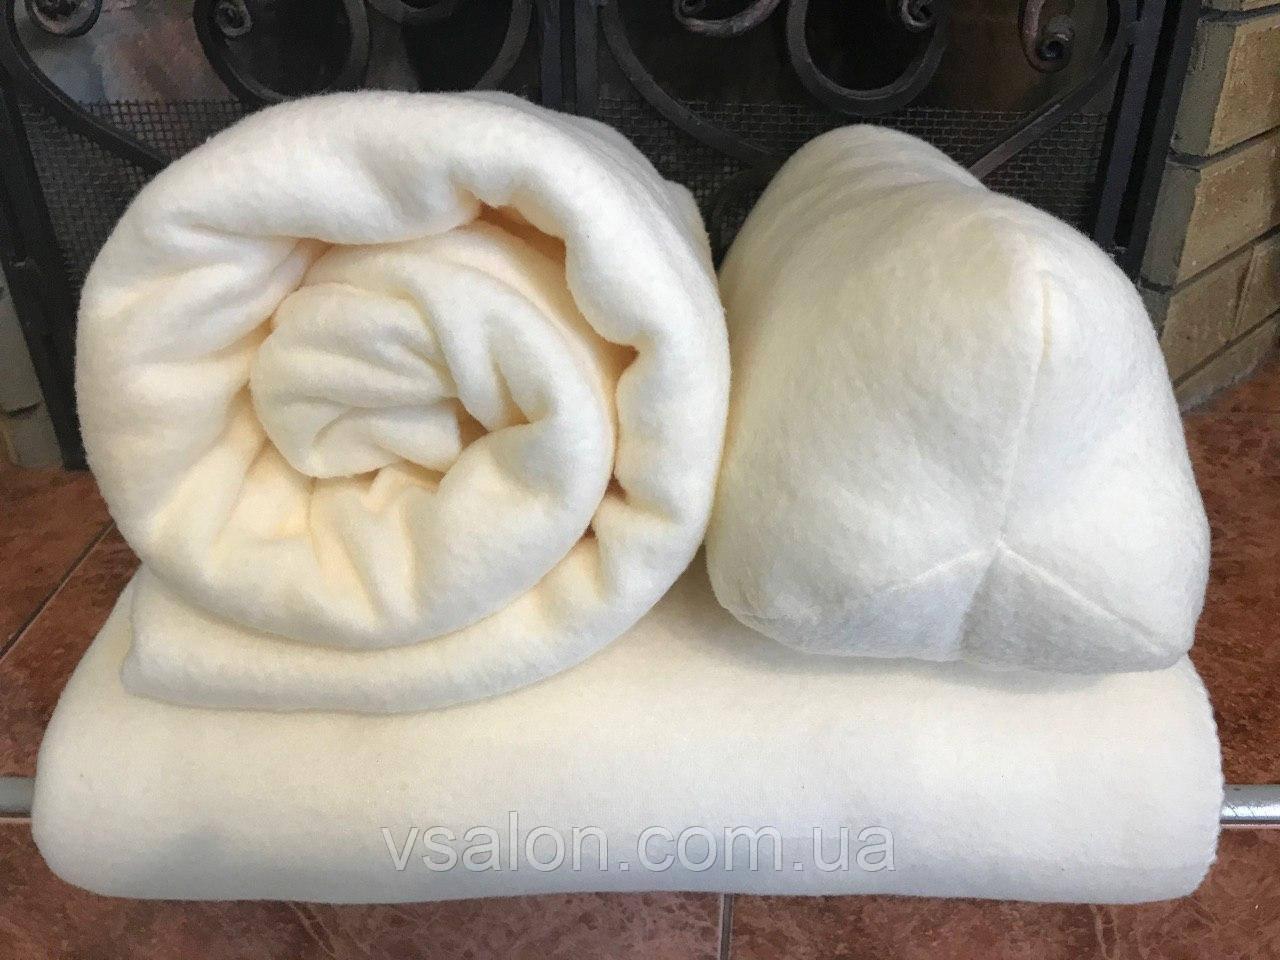 Чехол, плед и подушка флисовые - комплект на кушетку